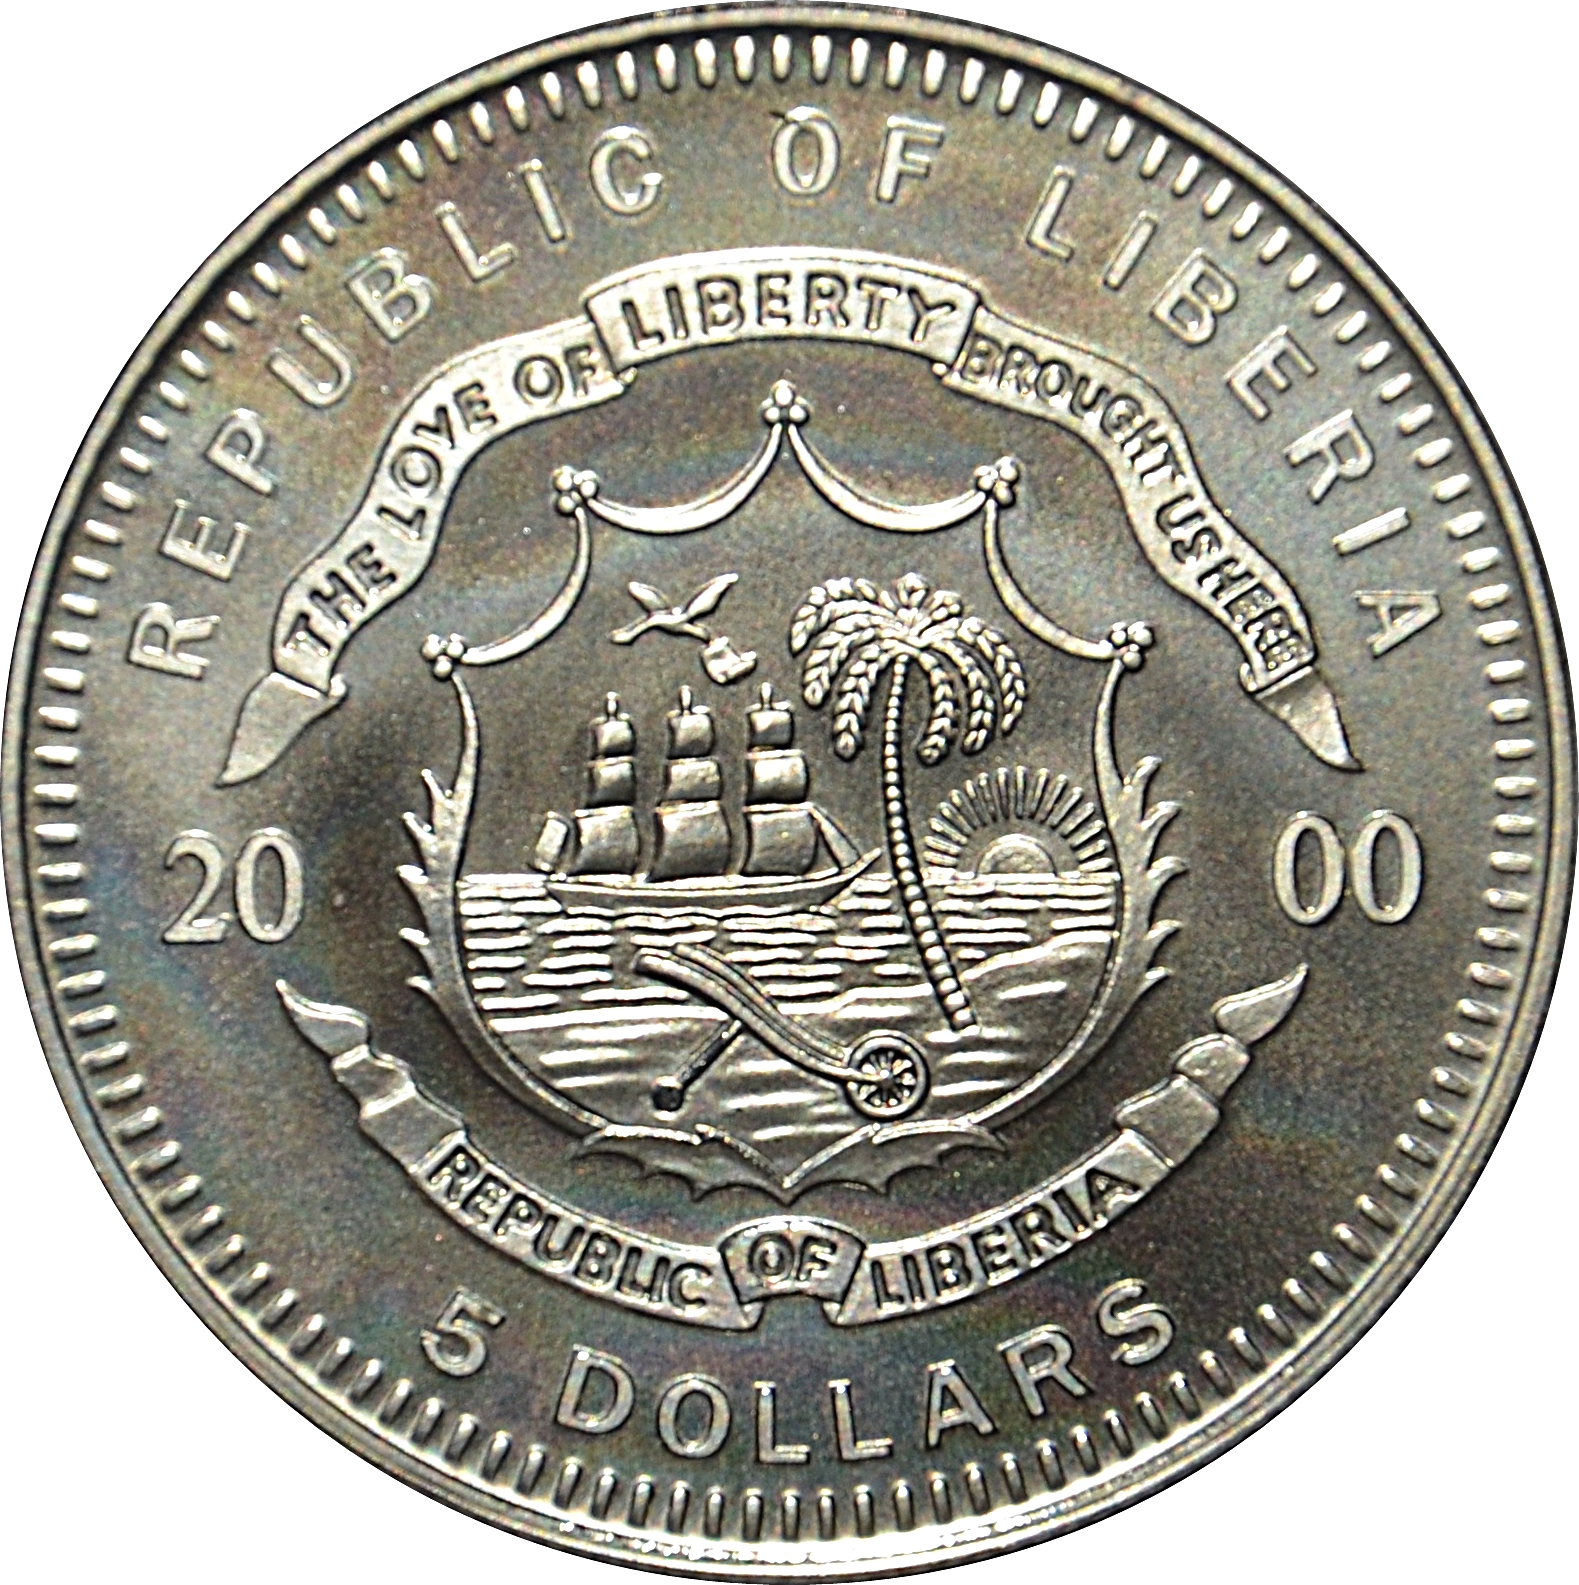 5 Dollars Mayflower Liberia Numista